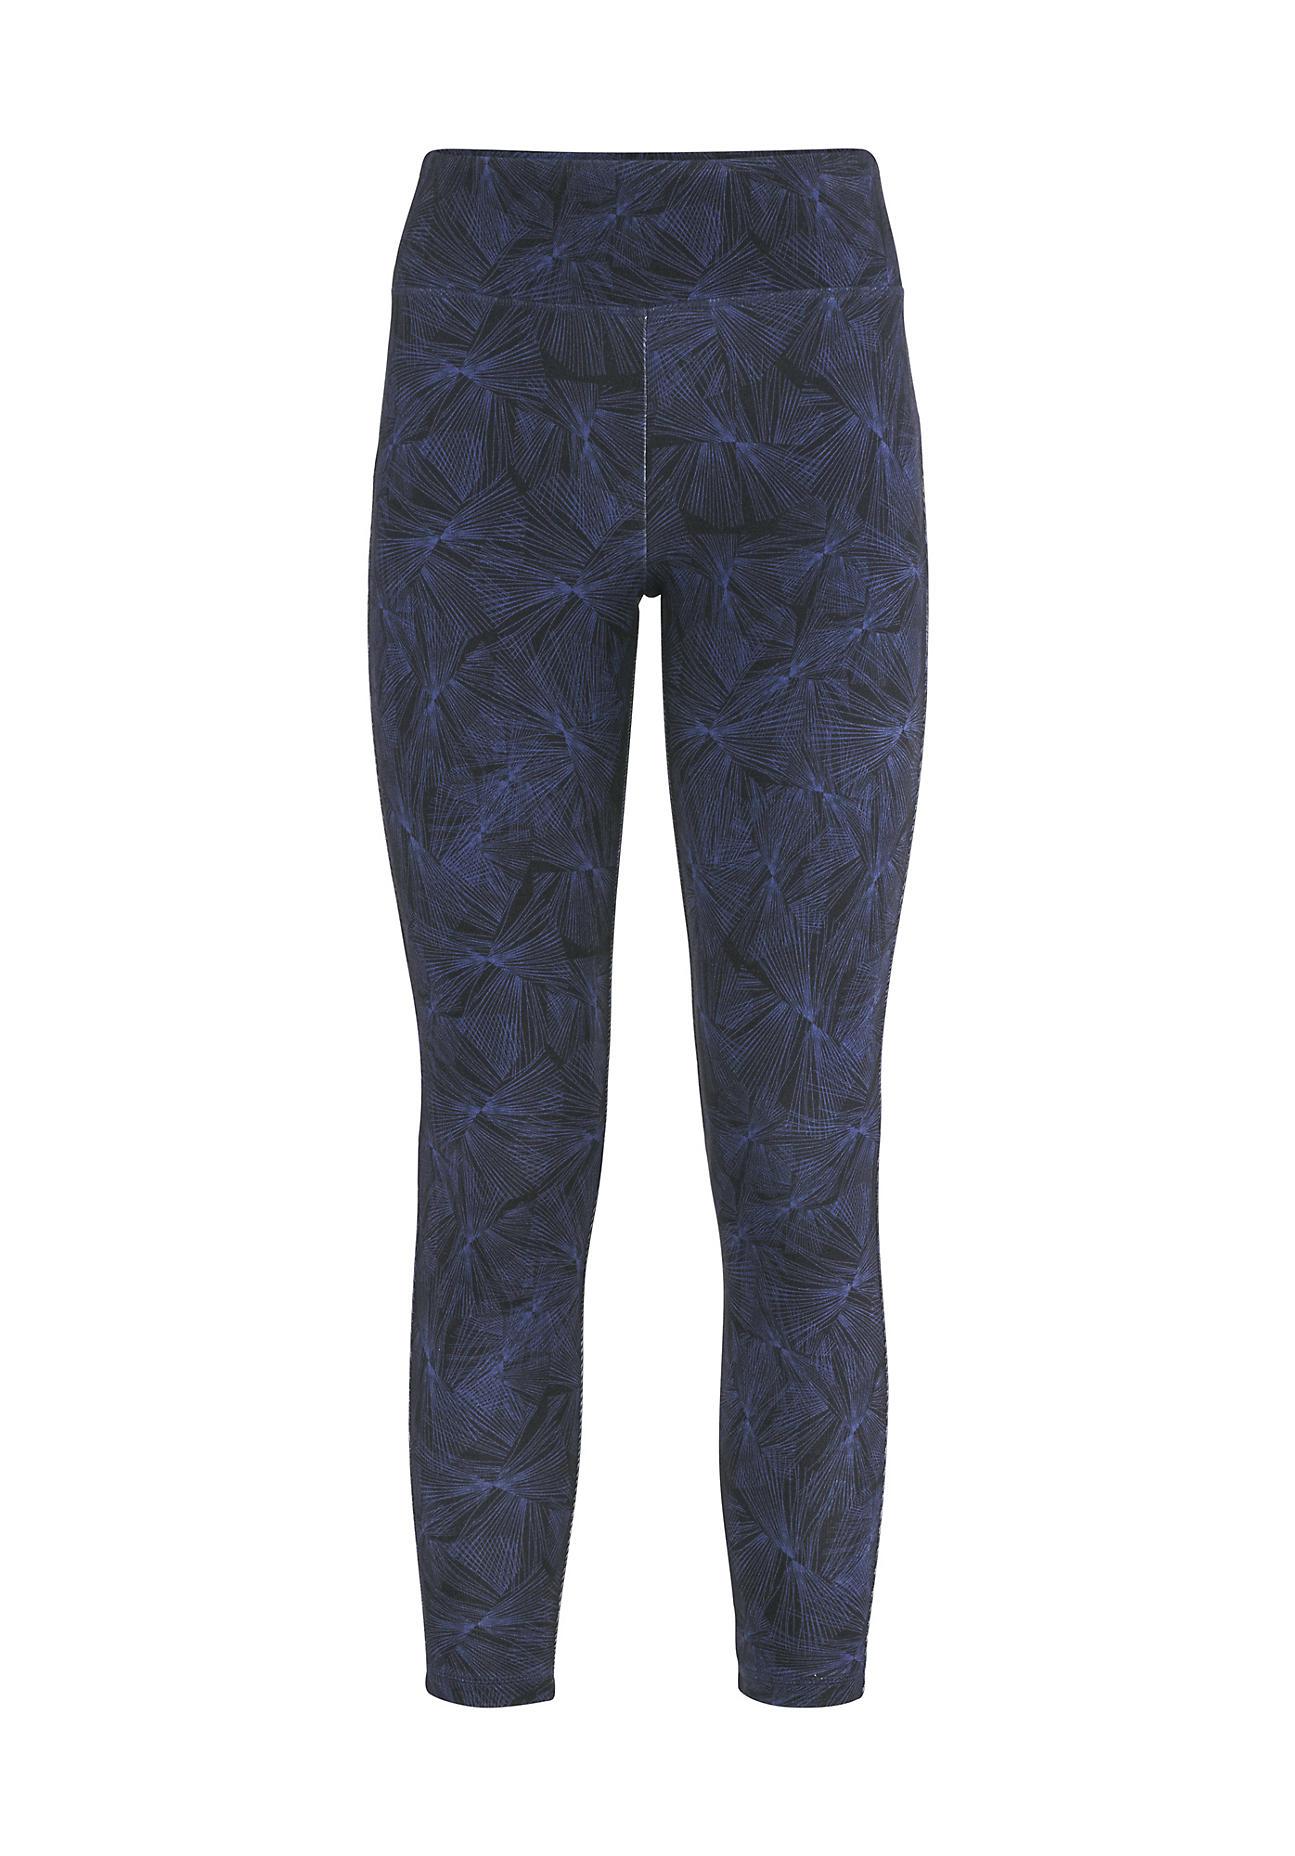 hessnatur Loungewear Leggings aus TENCEL™Modal – blau – Größe 36